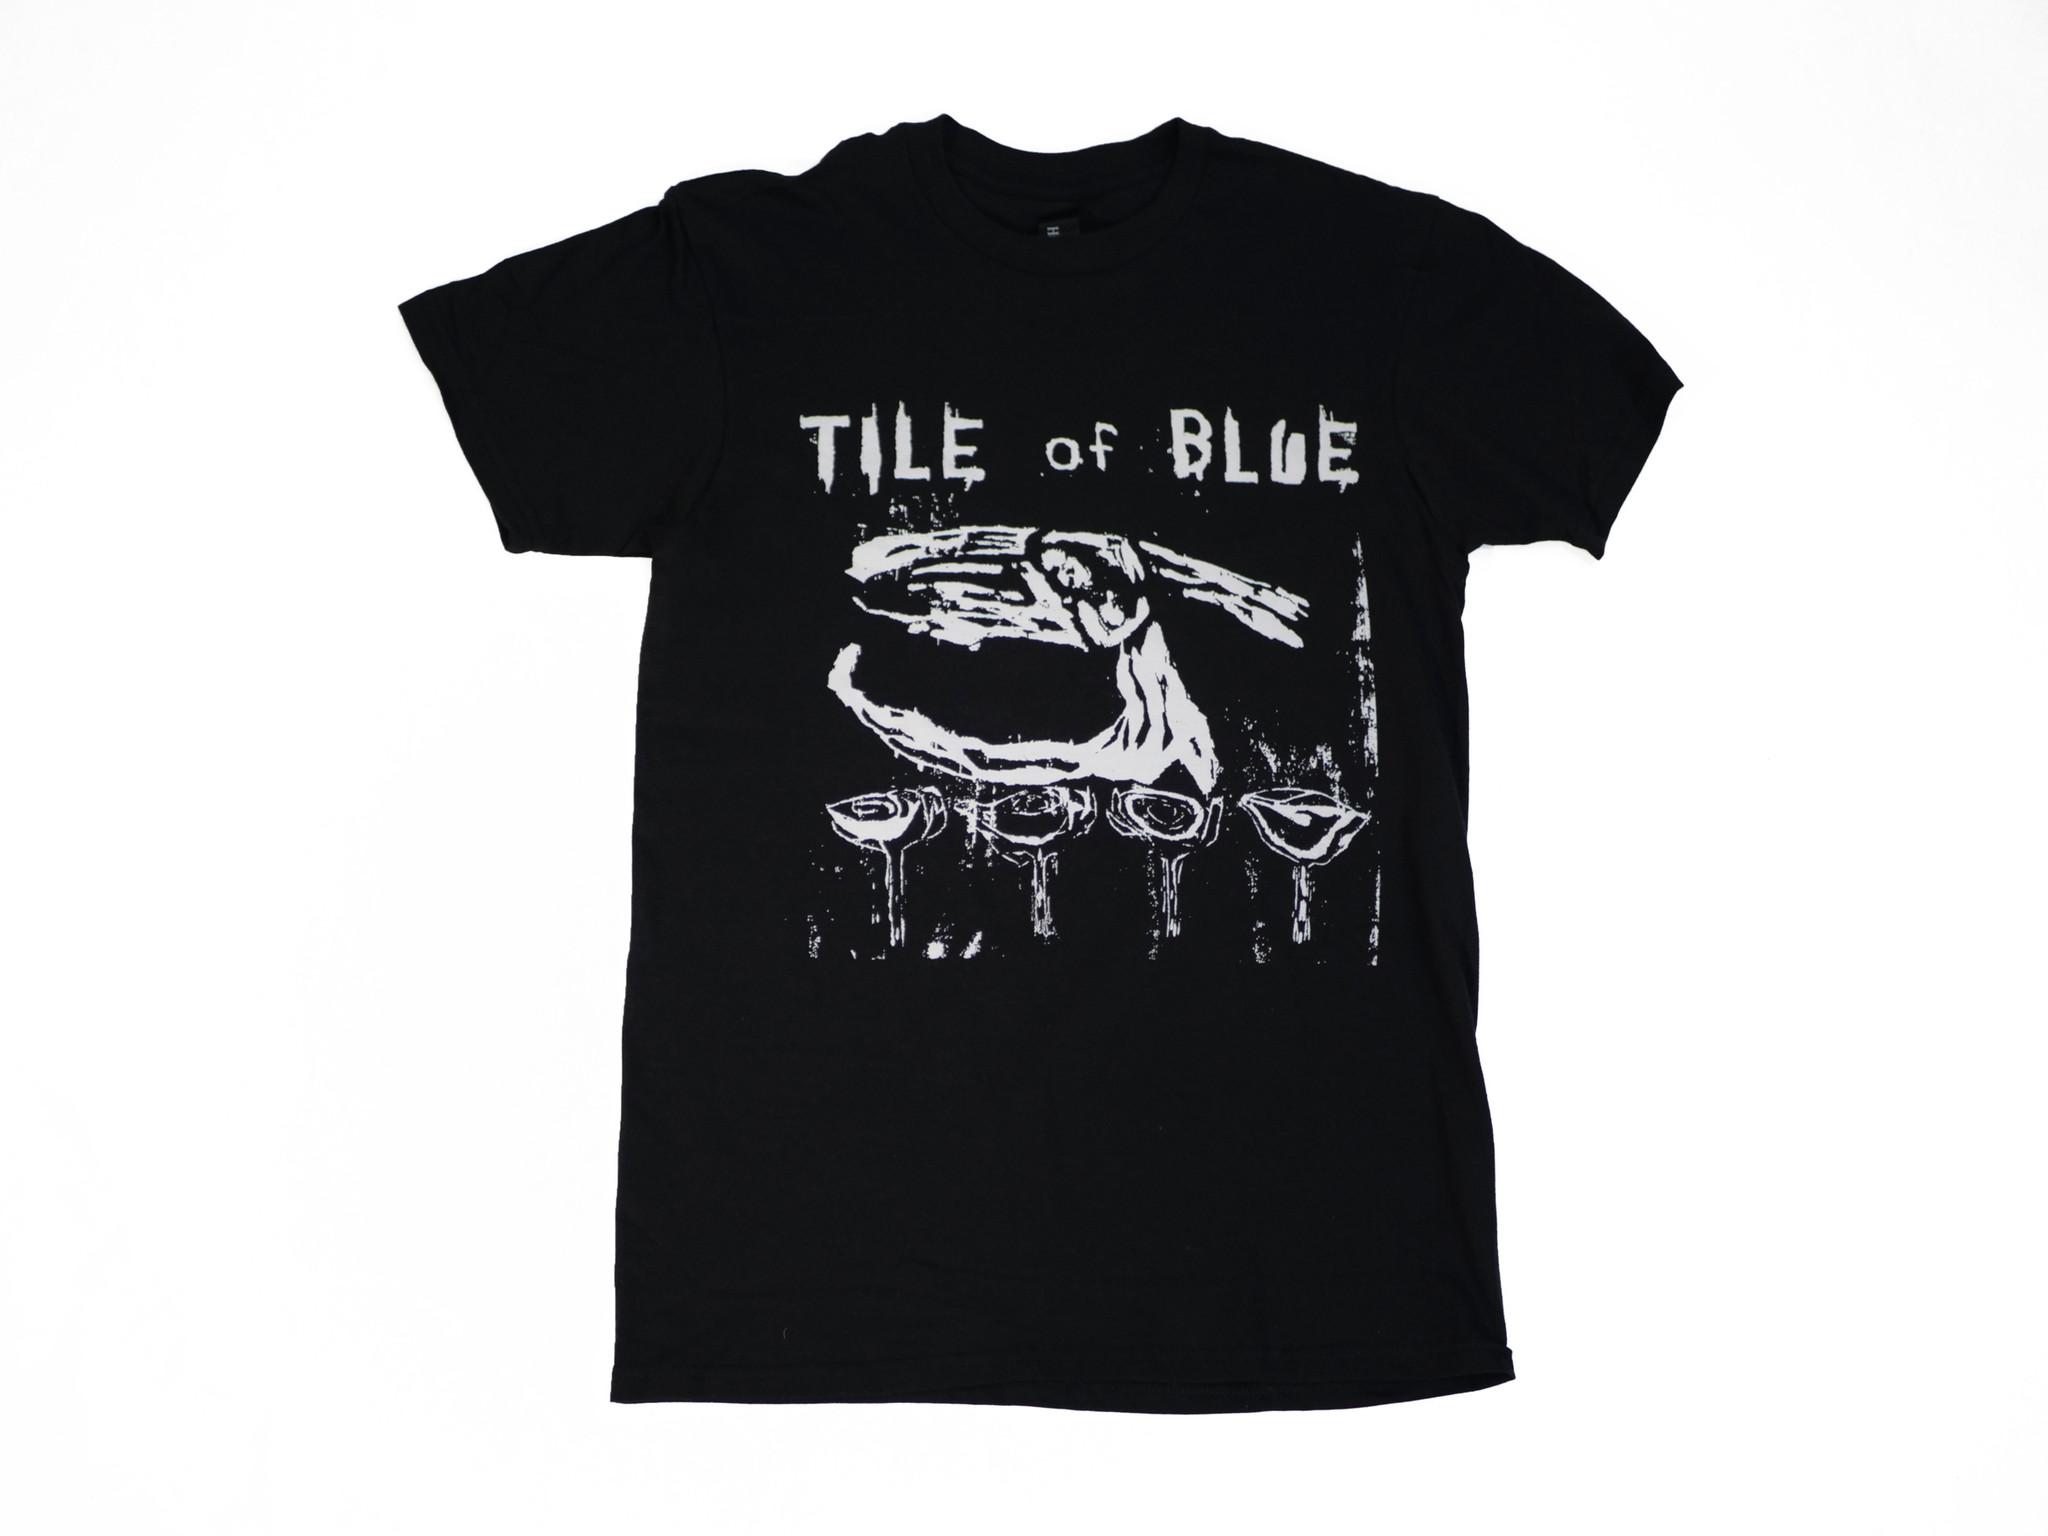 BLUETILE BLUETILE TILE OF BLUE T-SHIRT BLACK